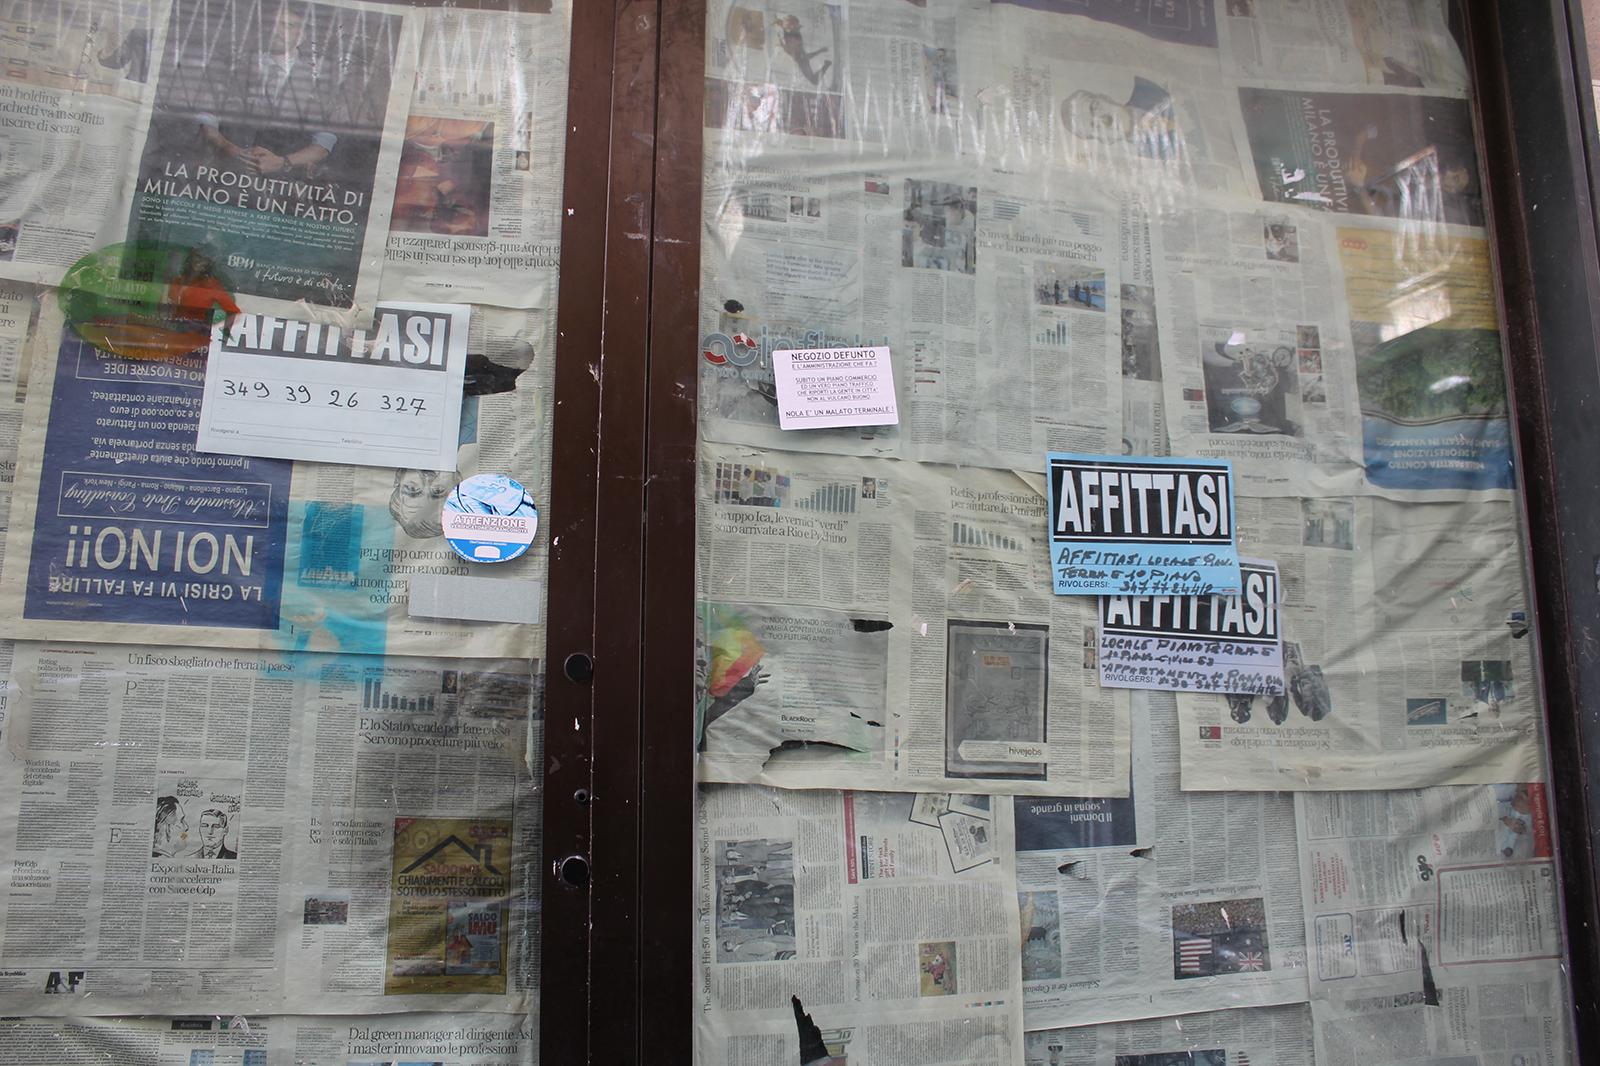 corso-tommaso-vitale-negozi-chiusi-1